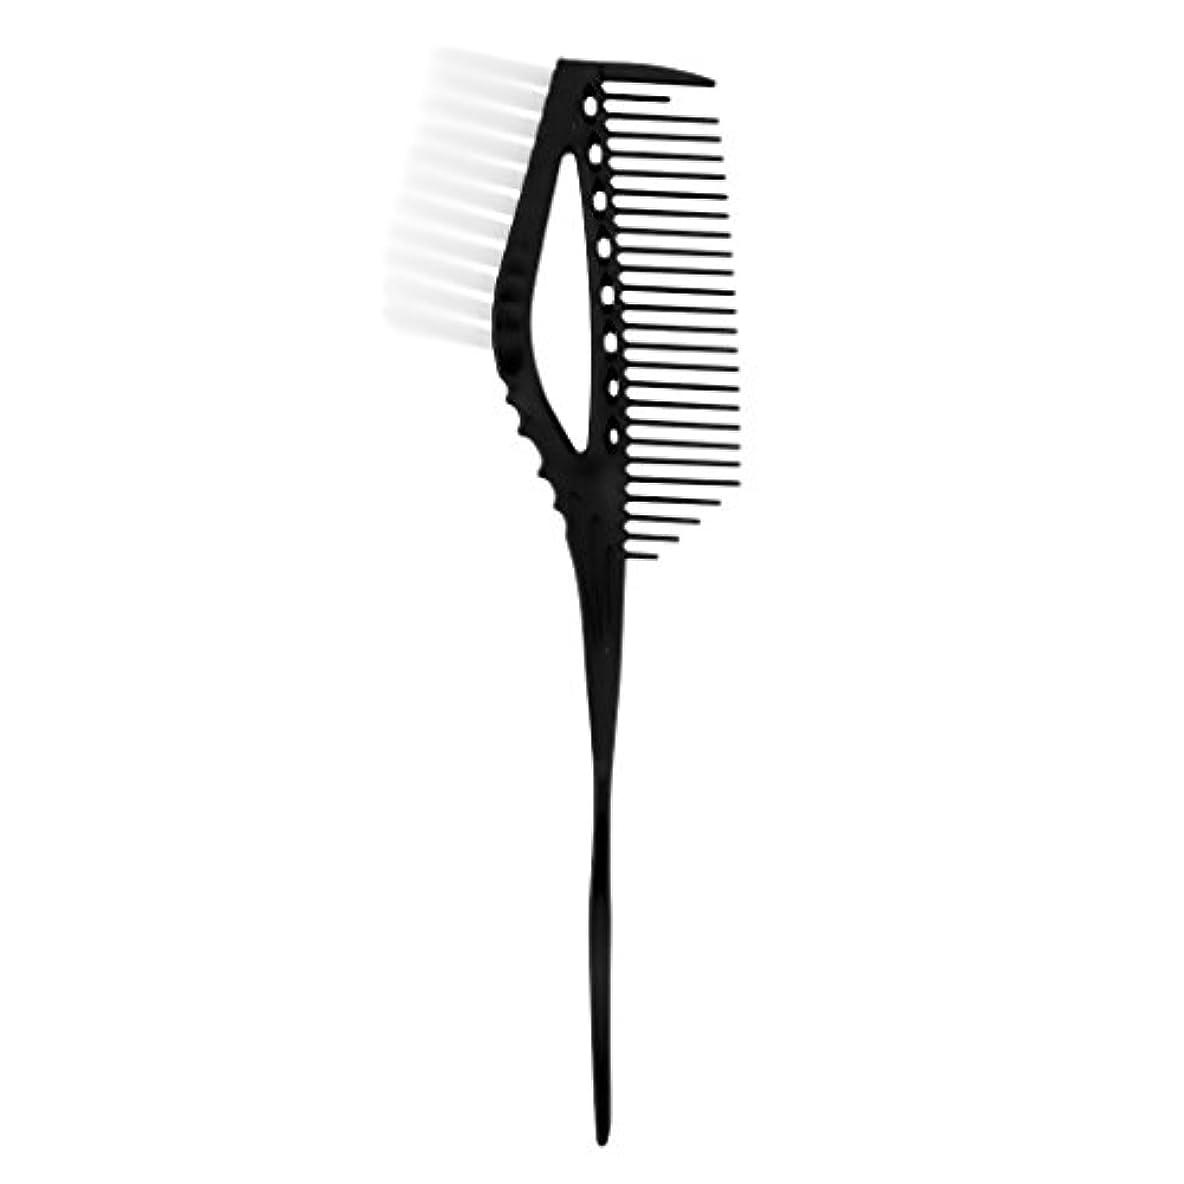 嵐の放射能埋めるハイライト櫛 ヘアコーム ヘアブラシ ヘアカラー 色合い 染めブラシ ミキシングブラシ 3色選べる - ブラック